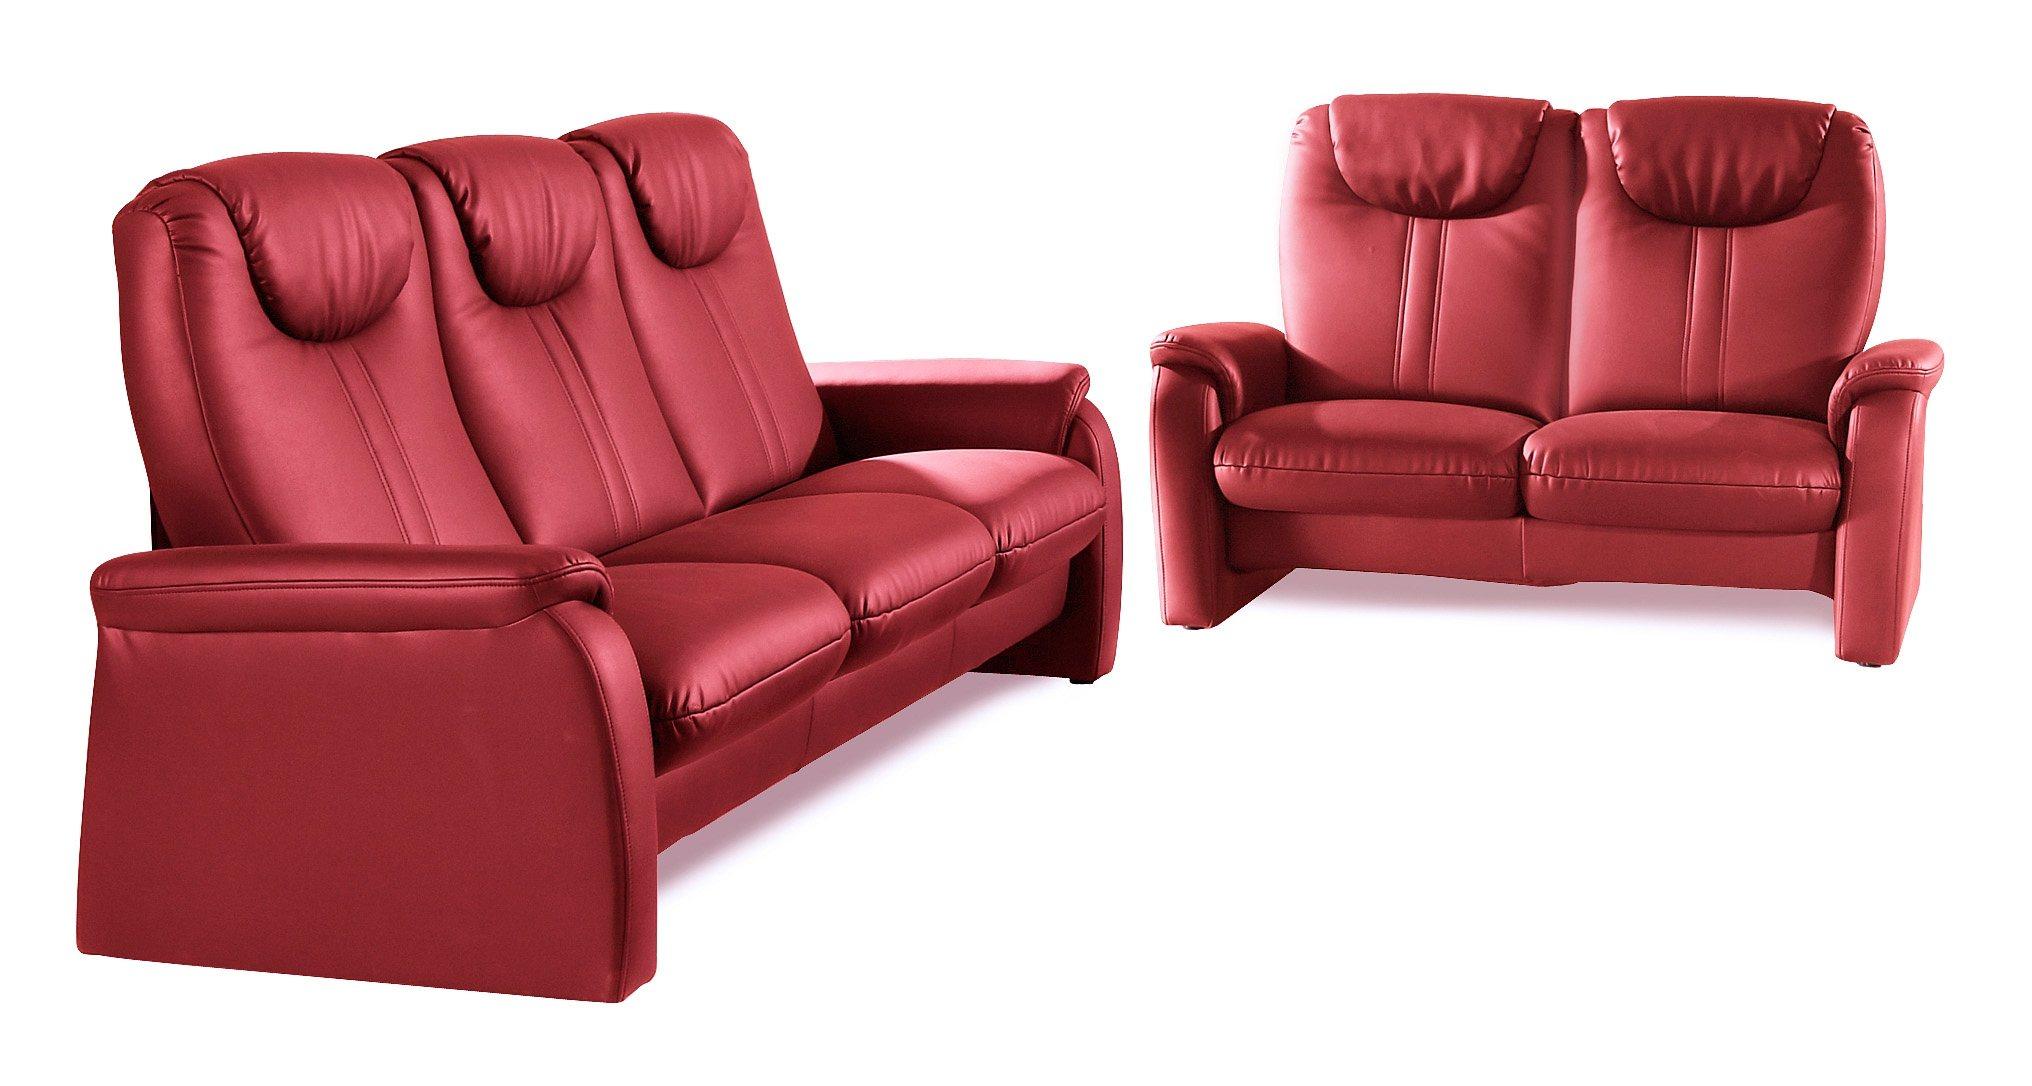 sit&more Set 2-Sitzer und 3-Sitzer | Wohnzimmer > Sofas & Couches > Garnituren | Microfaser - Kunstleder | sit\&more